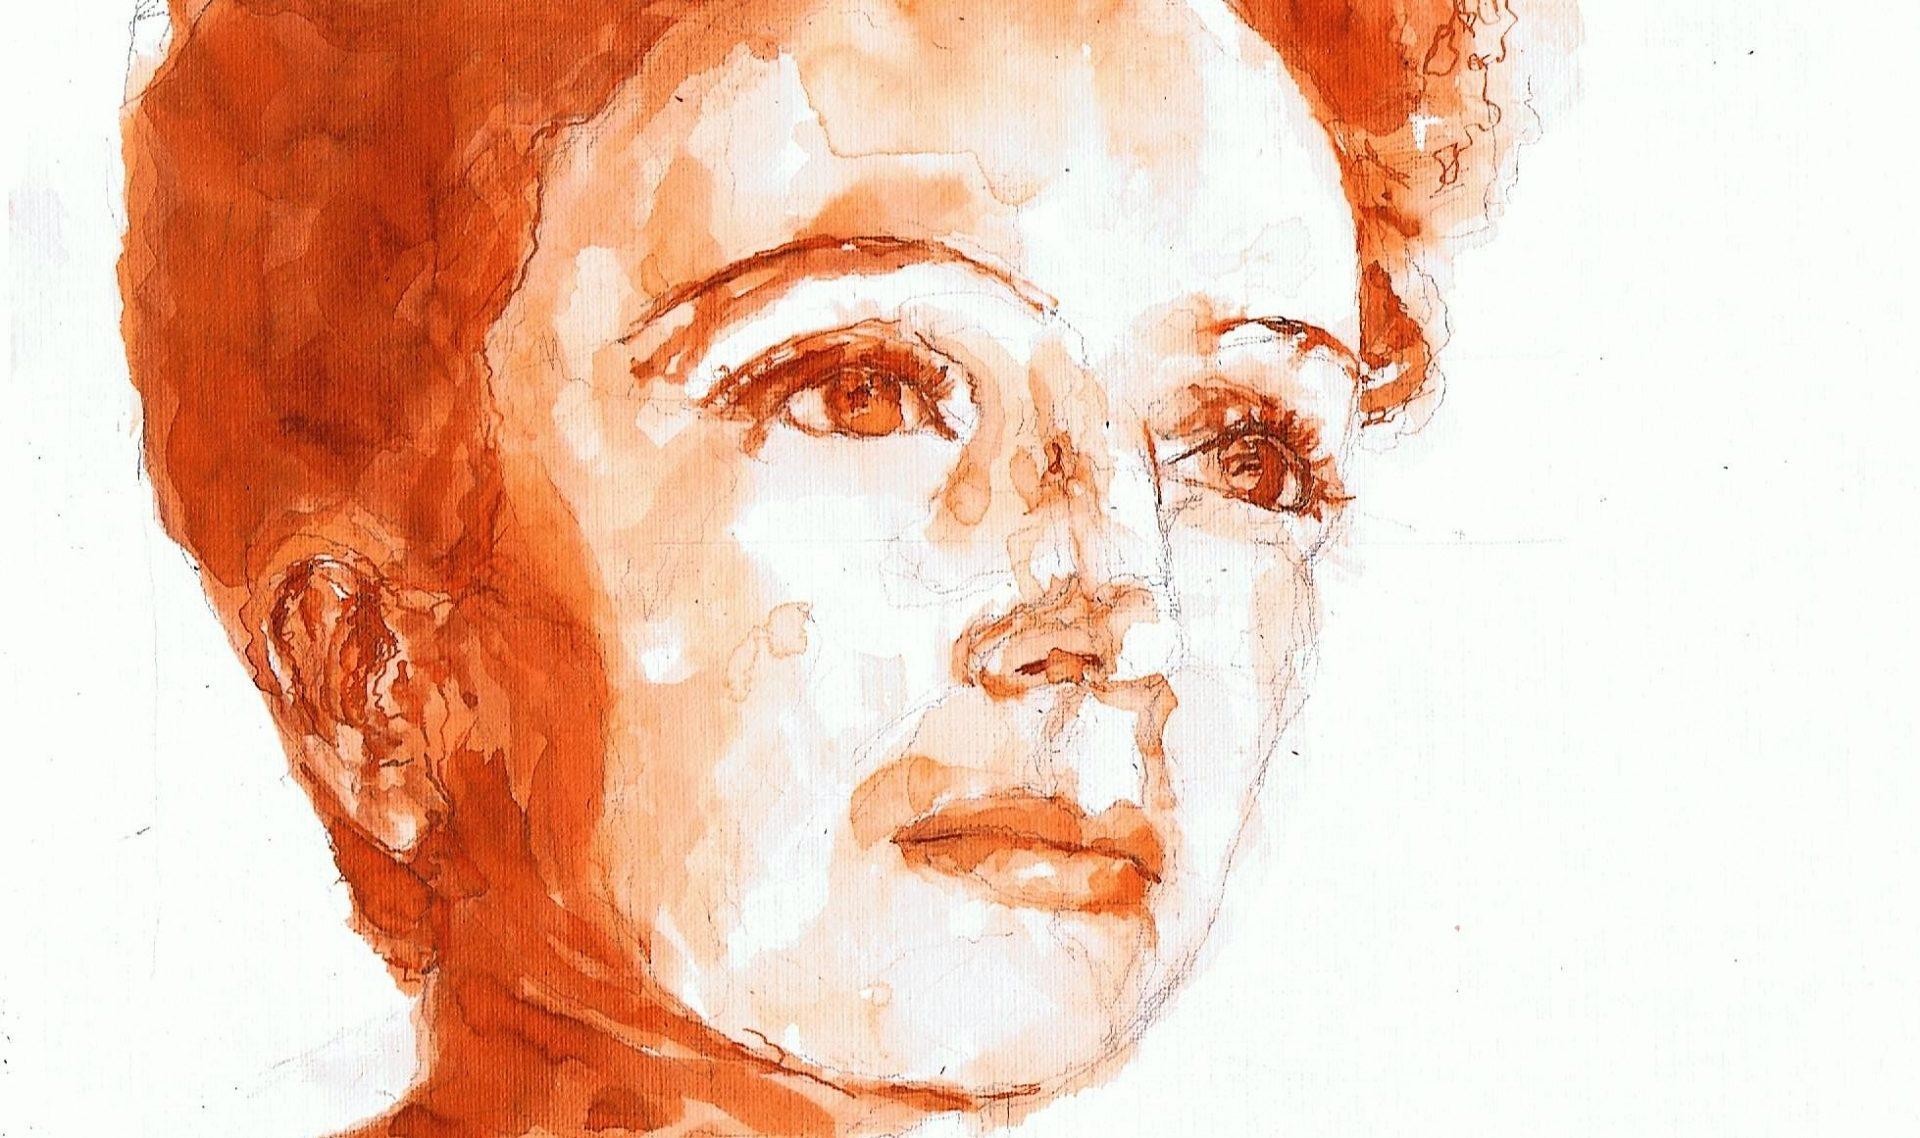 365 dagen een portret 63 Edith Piaf, zangeres Inkt 19c25